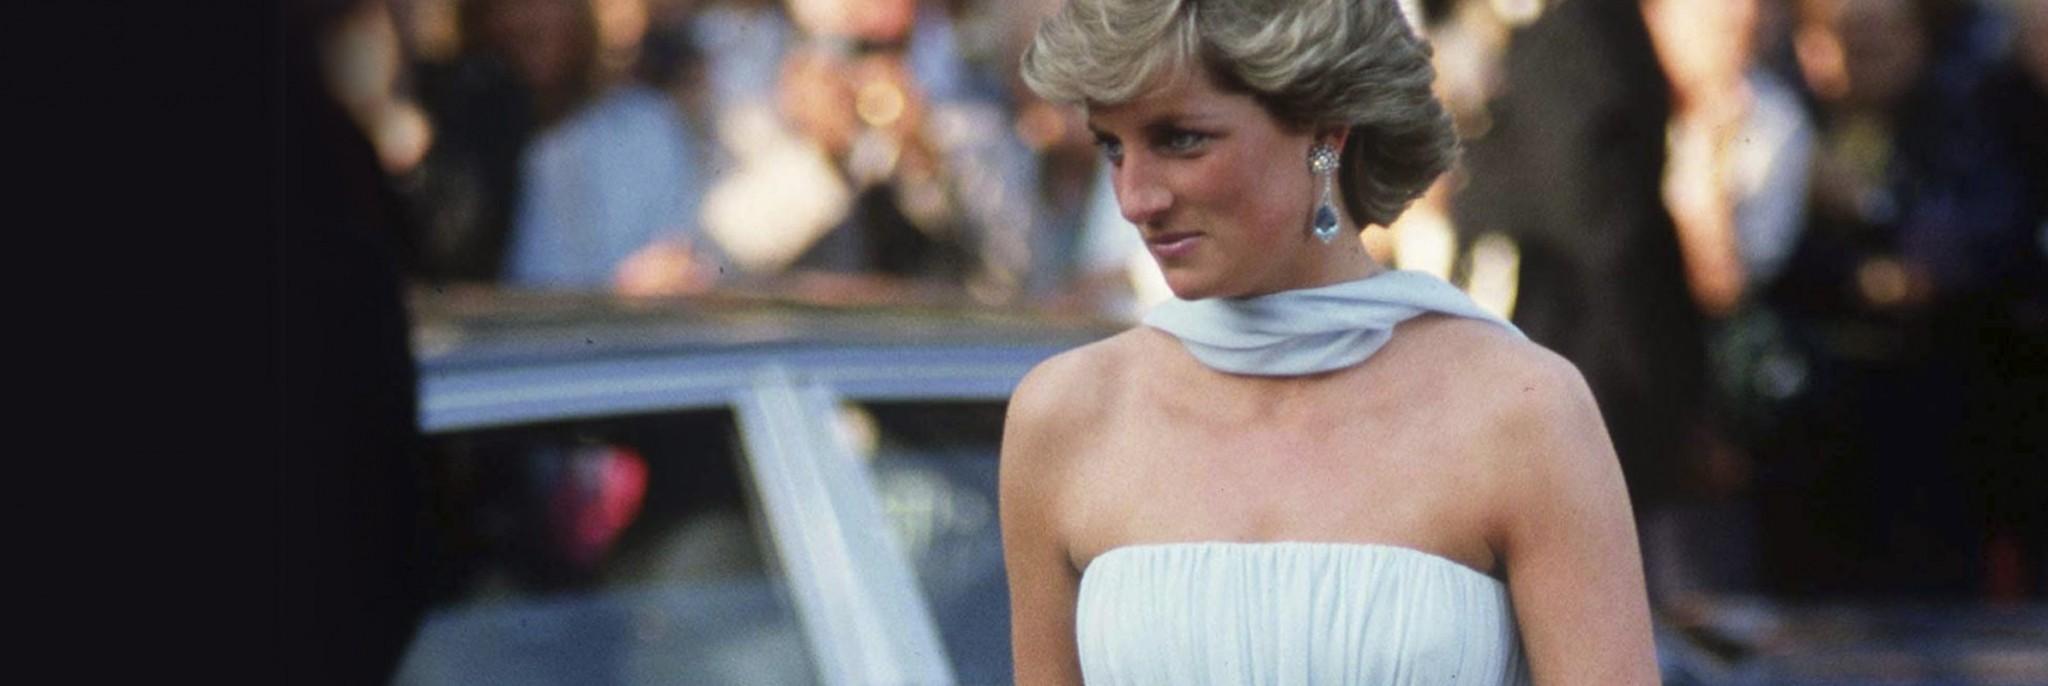 في ذكرى ميلادها: أجمل 10 إطلالات تألقت بها ديانا ملكة القلوب